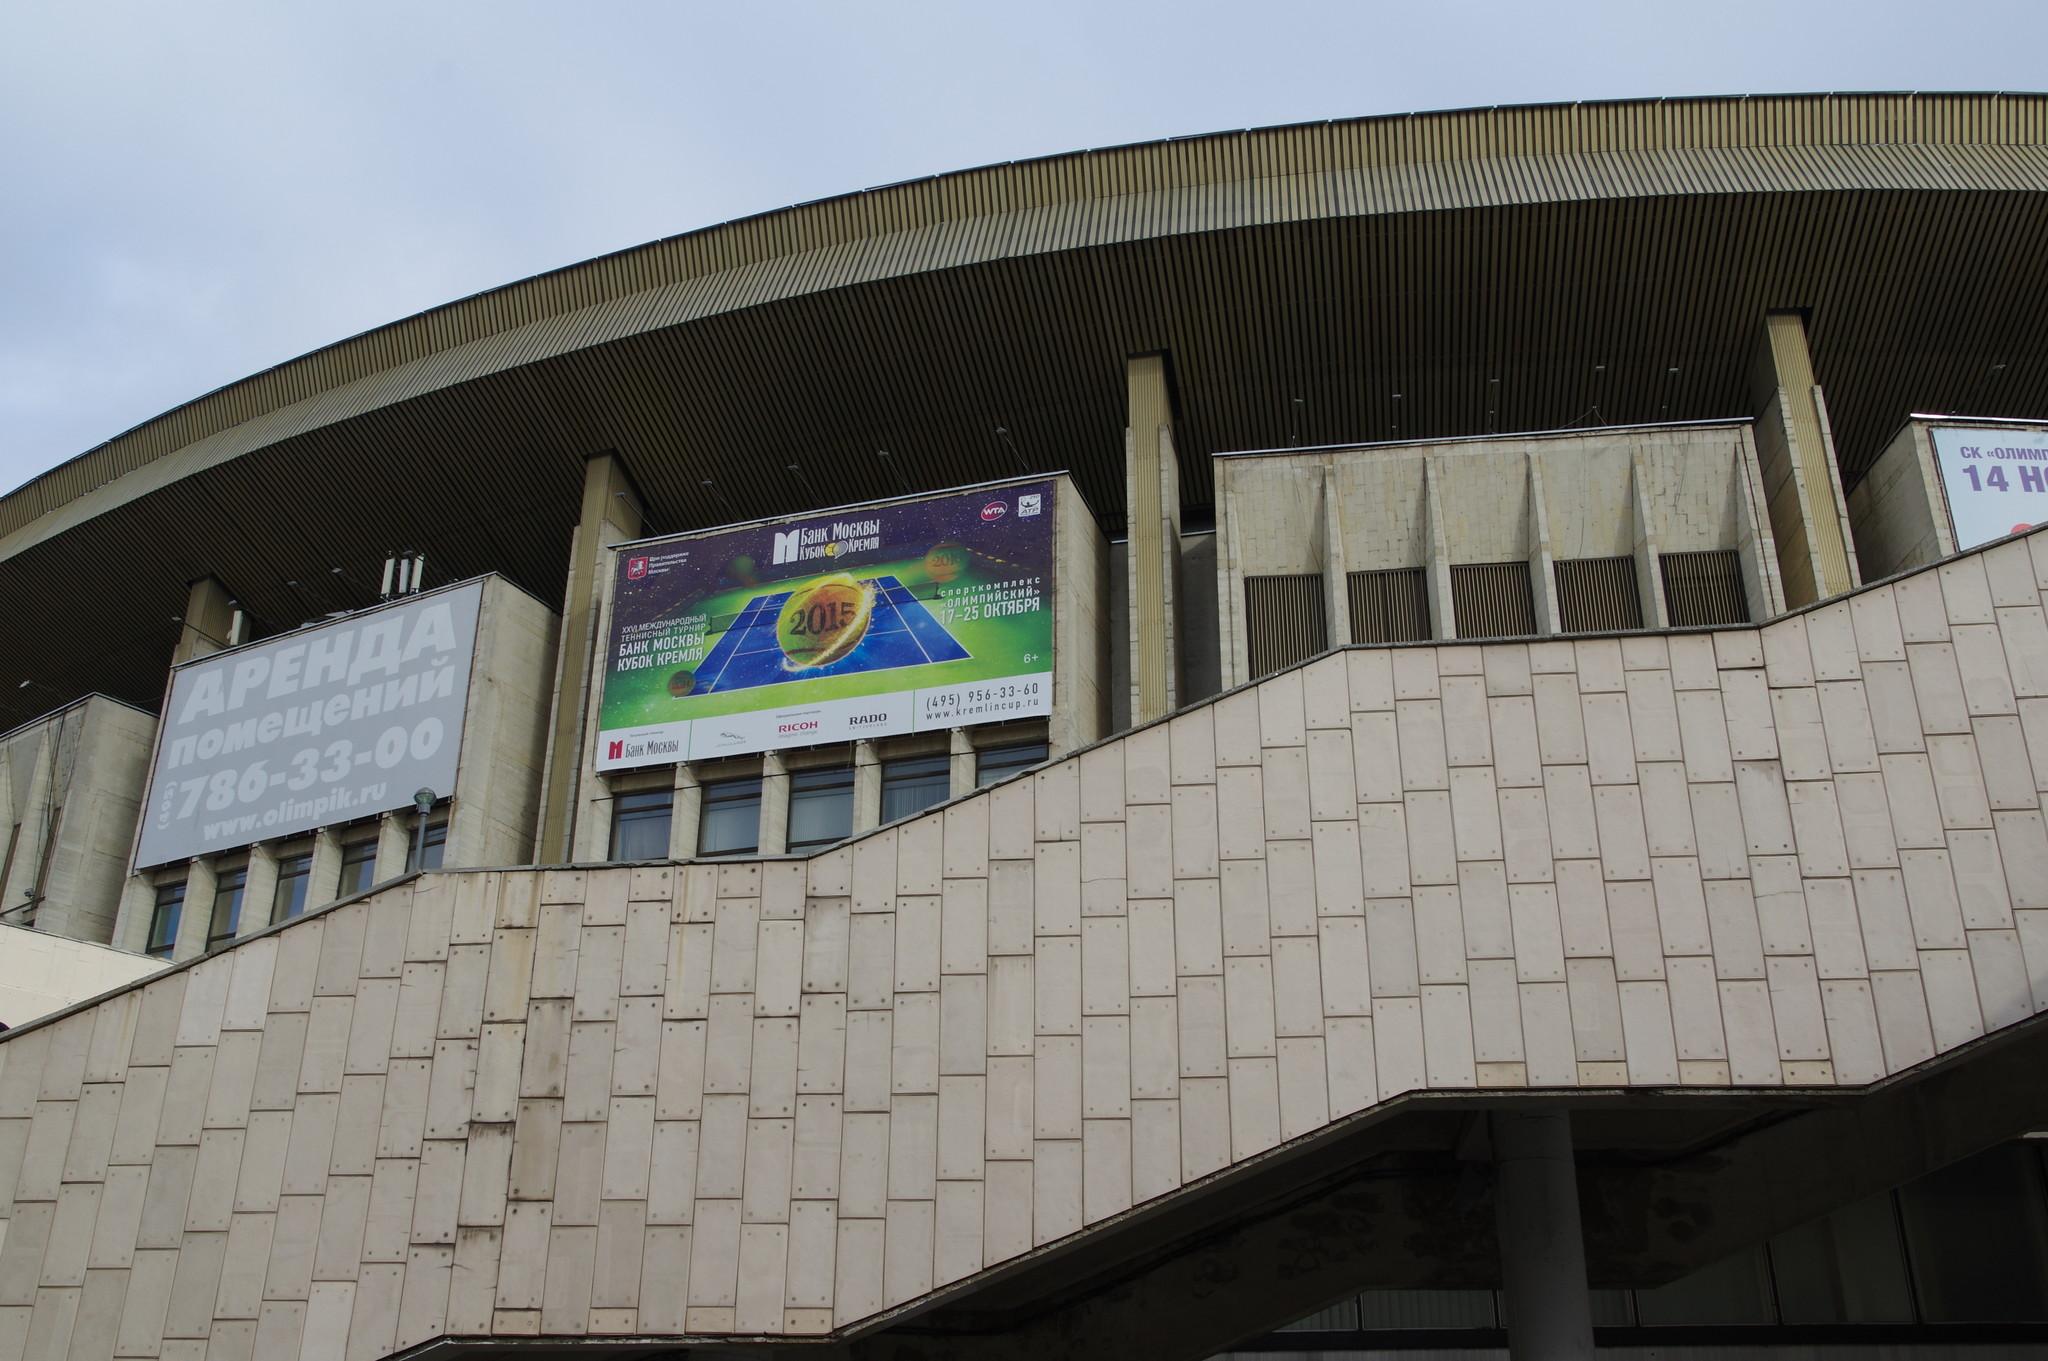 Спортивный комплекс «Олимпийский» (Олимпийский проспект, дом 16, строение 1)